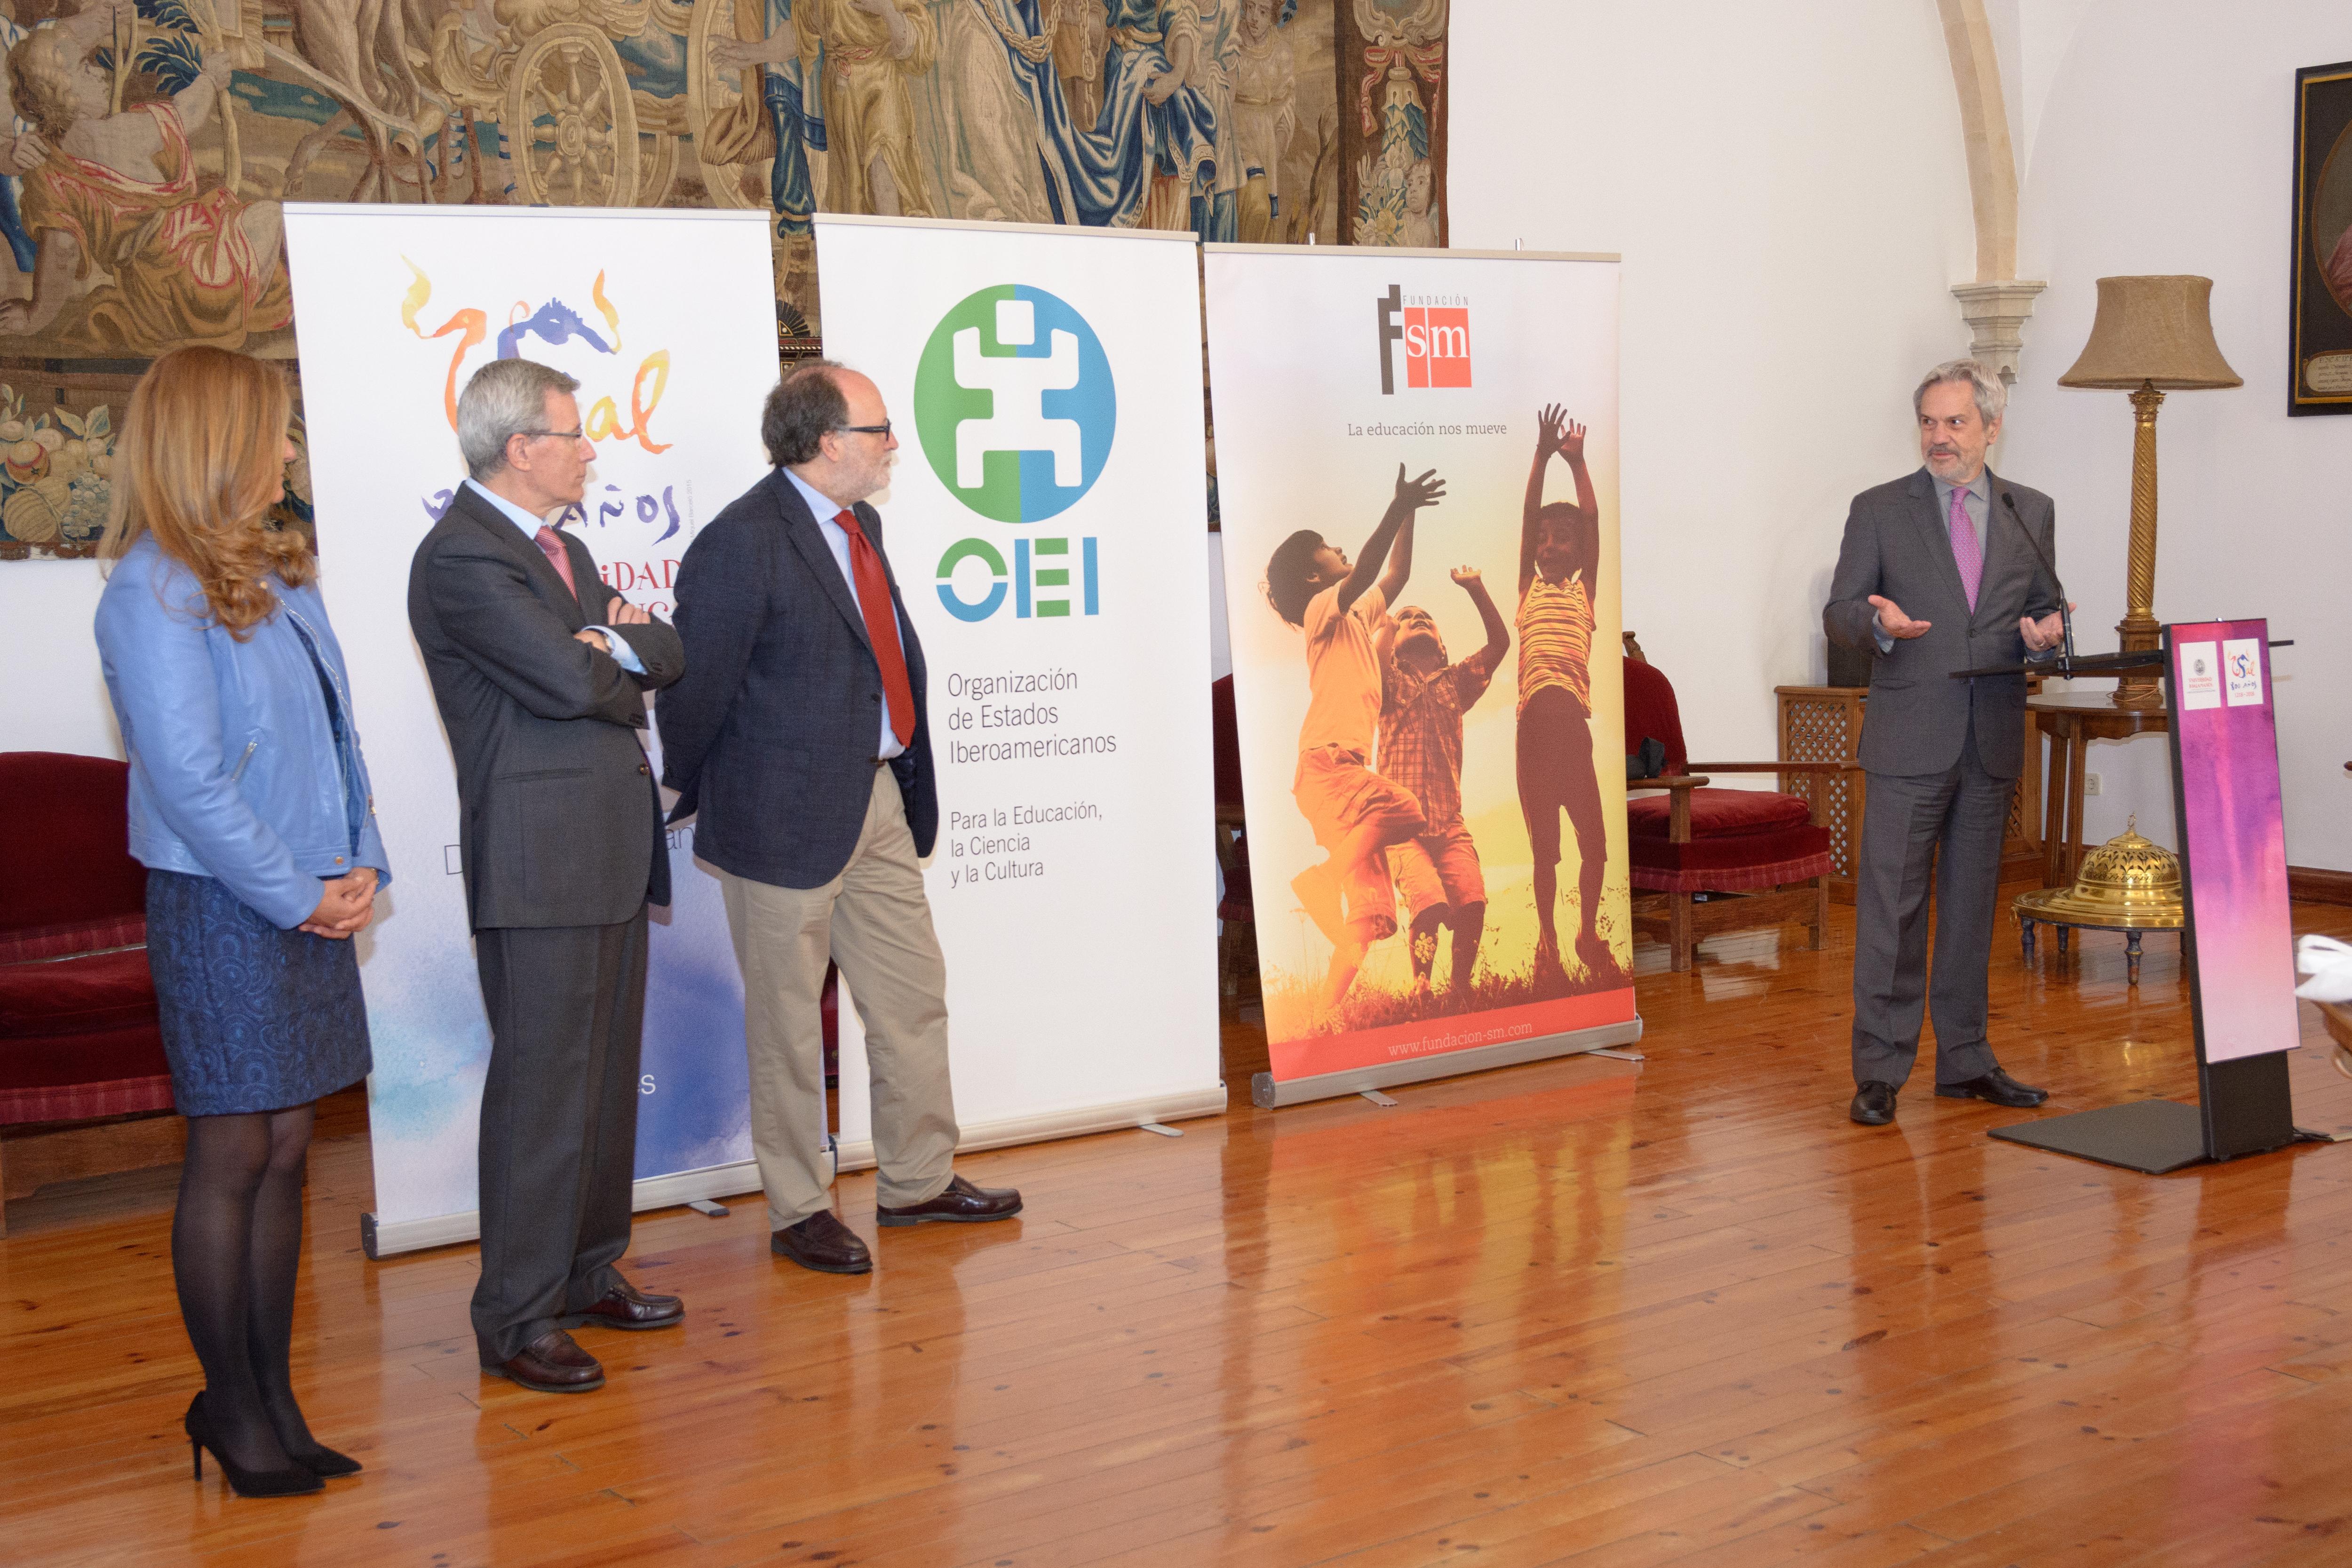 La Universidad de Salamanca acoge la entrega del premio a la ganadora española del concurso de Blogs '¿Qué estás leyendo?'